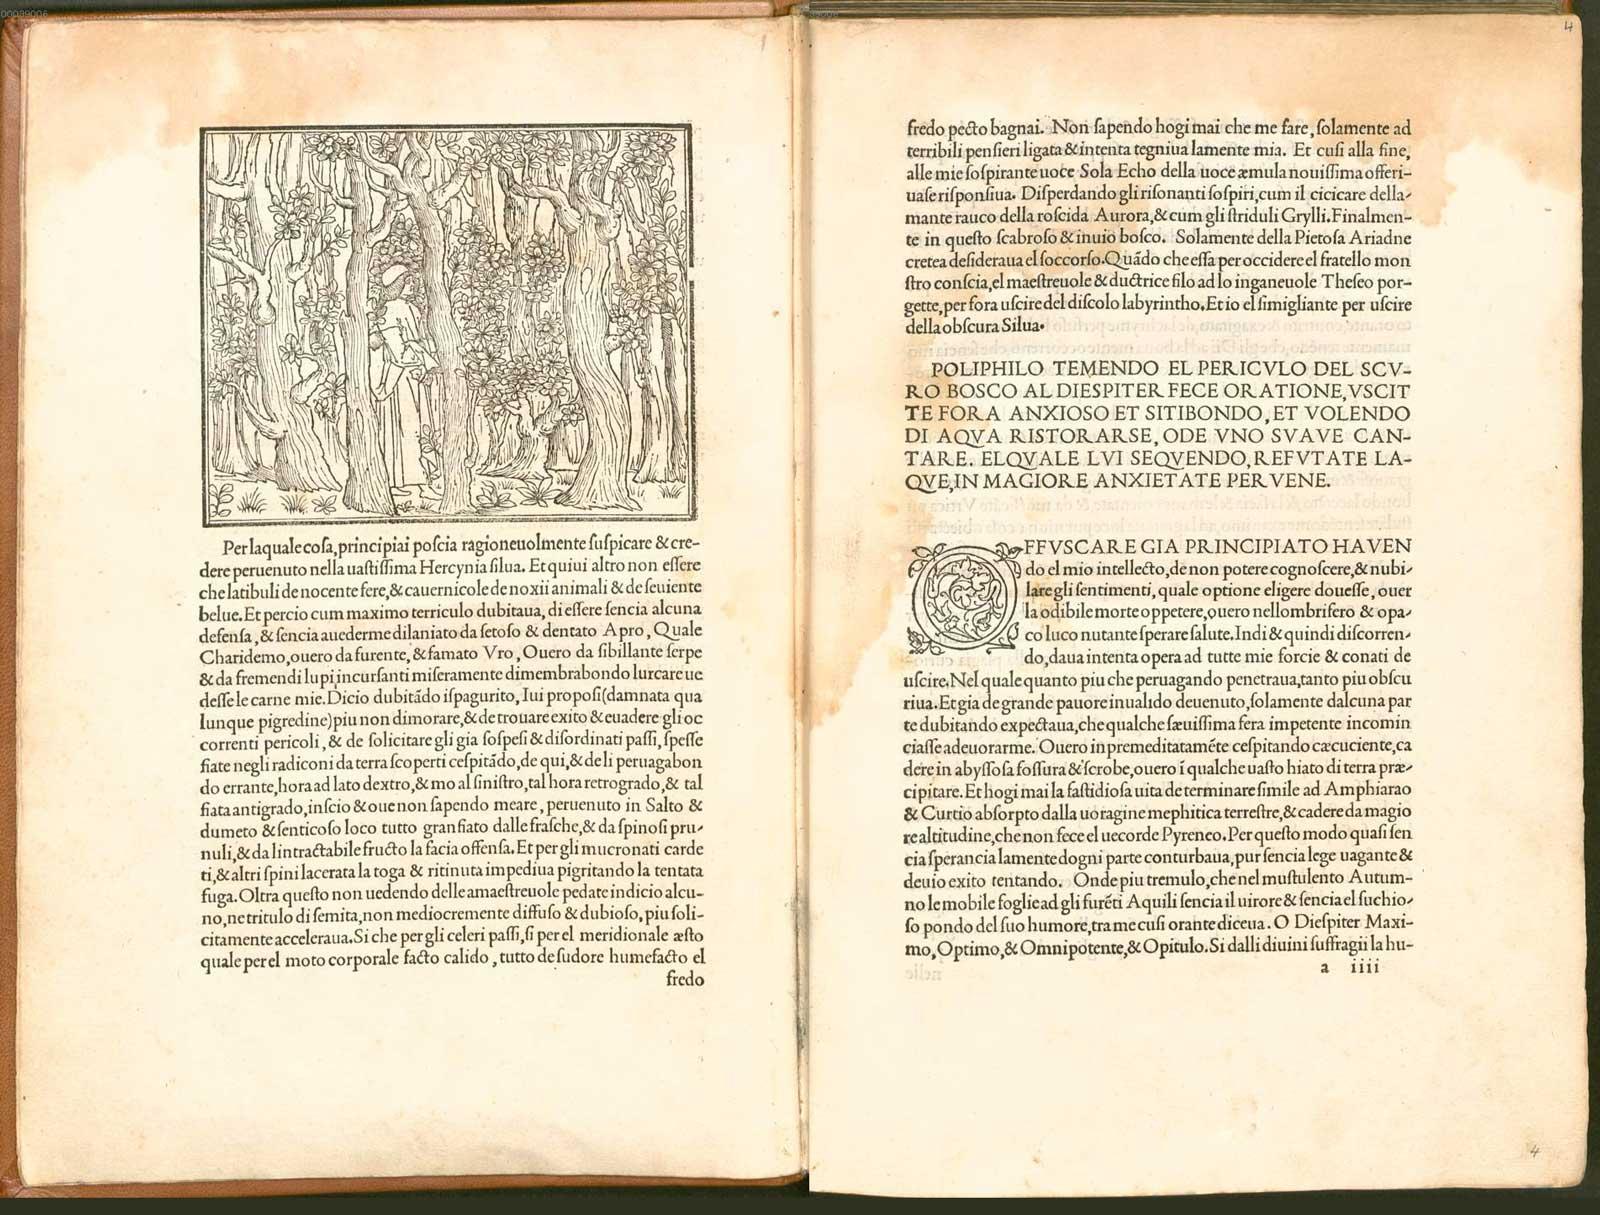 Hypnerotomachia-Poliphili-1499-aldus